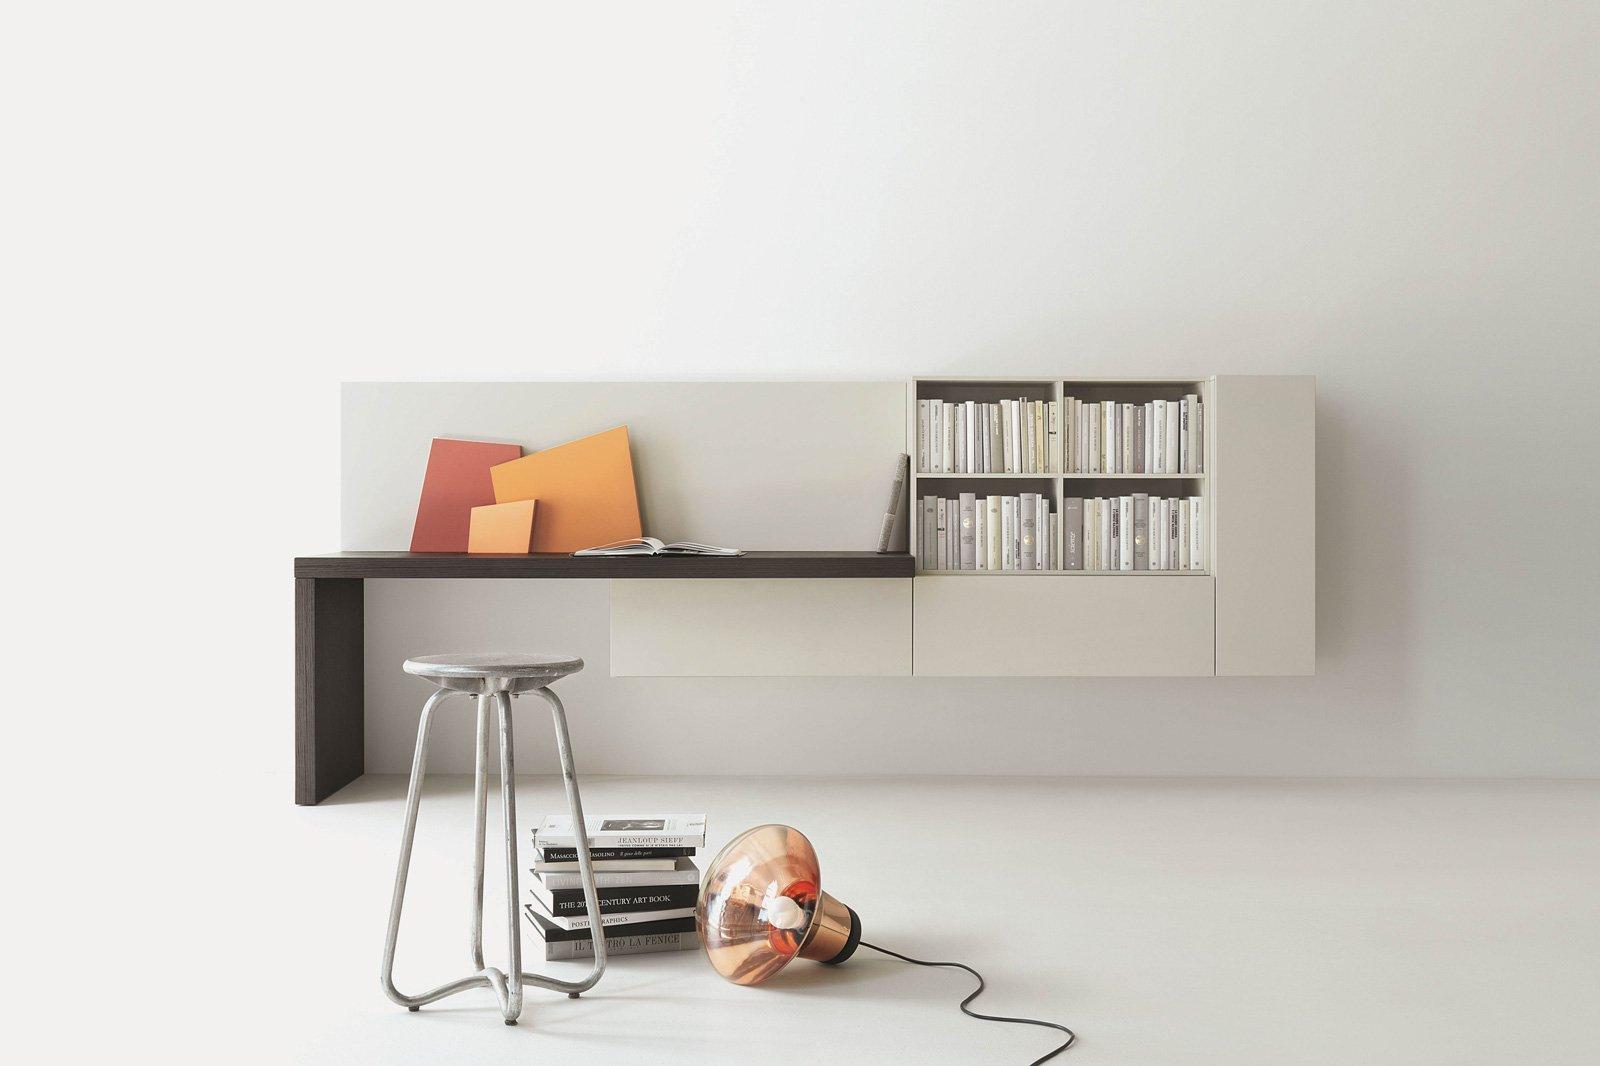 Mobili e accessori salvaspazio per la camera da letto for Mobili da studio di design